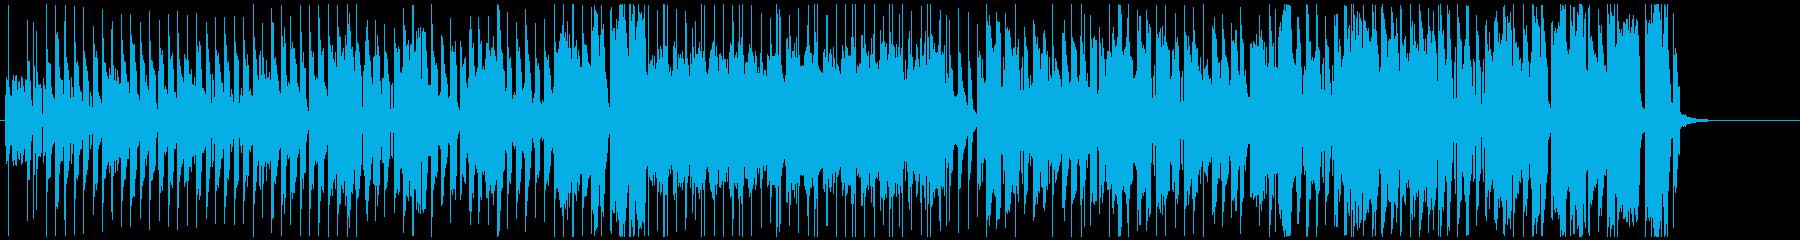 明るいほのぼのゆったりな日常系BGMの再生済みの波形